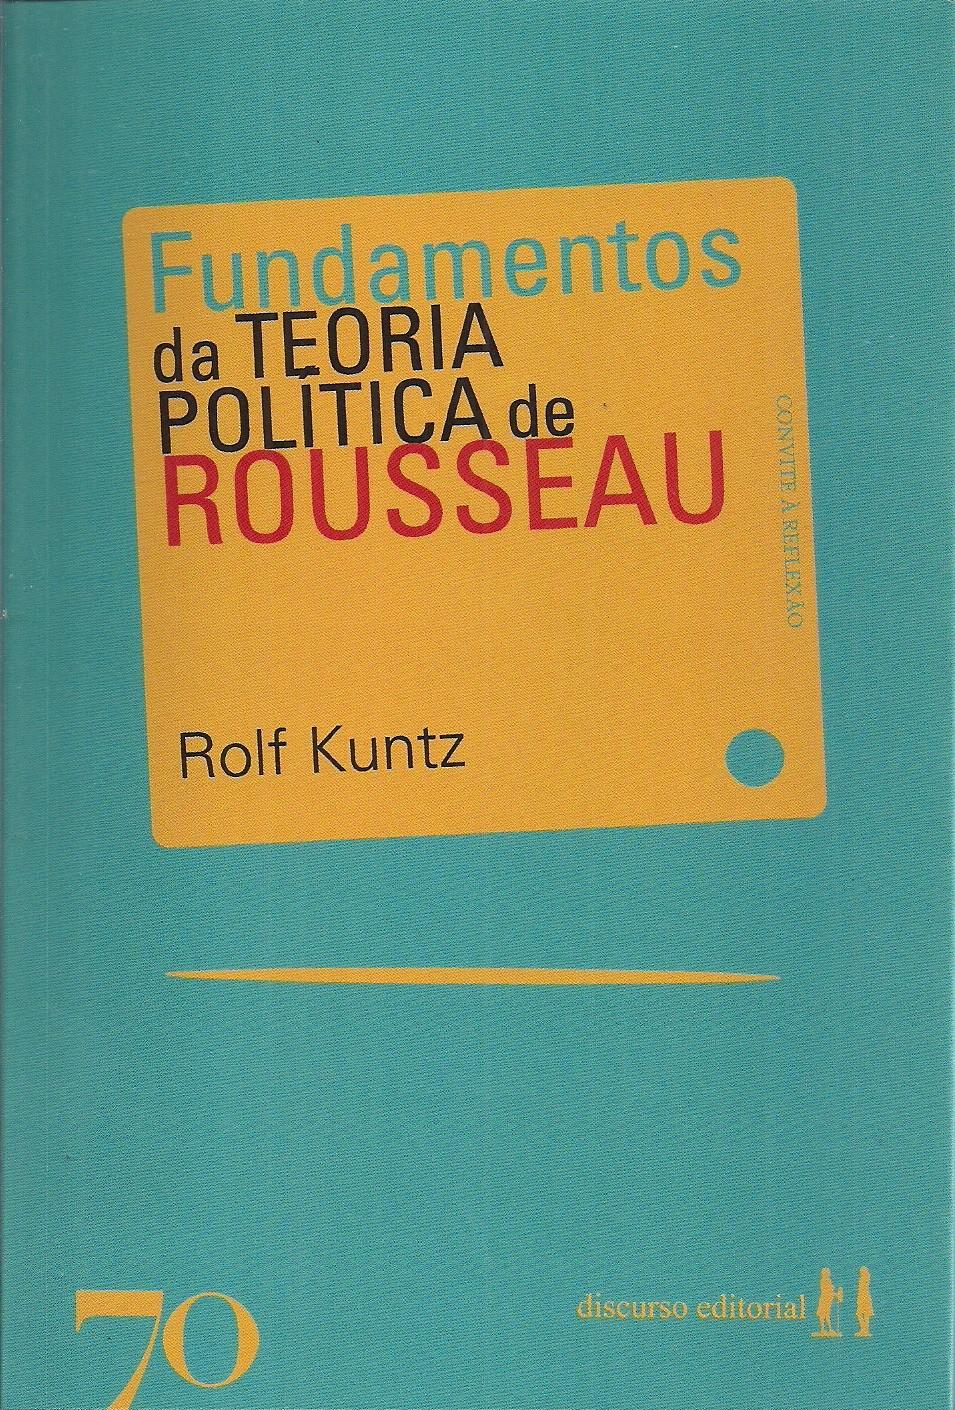 Foto 1 - Fundamentos da Teoria Política de Rosseau